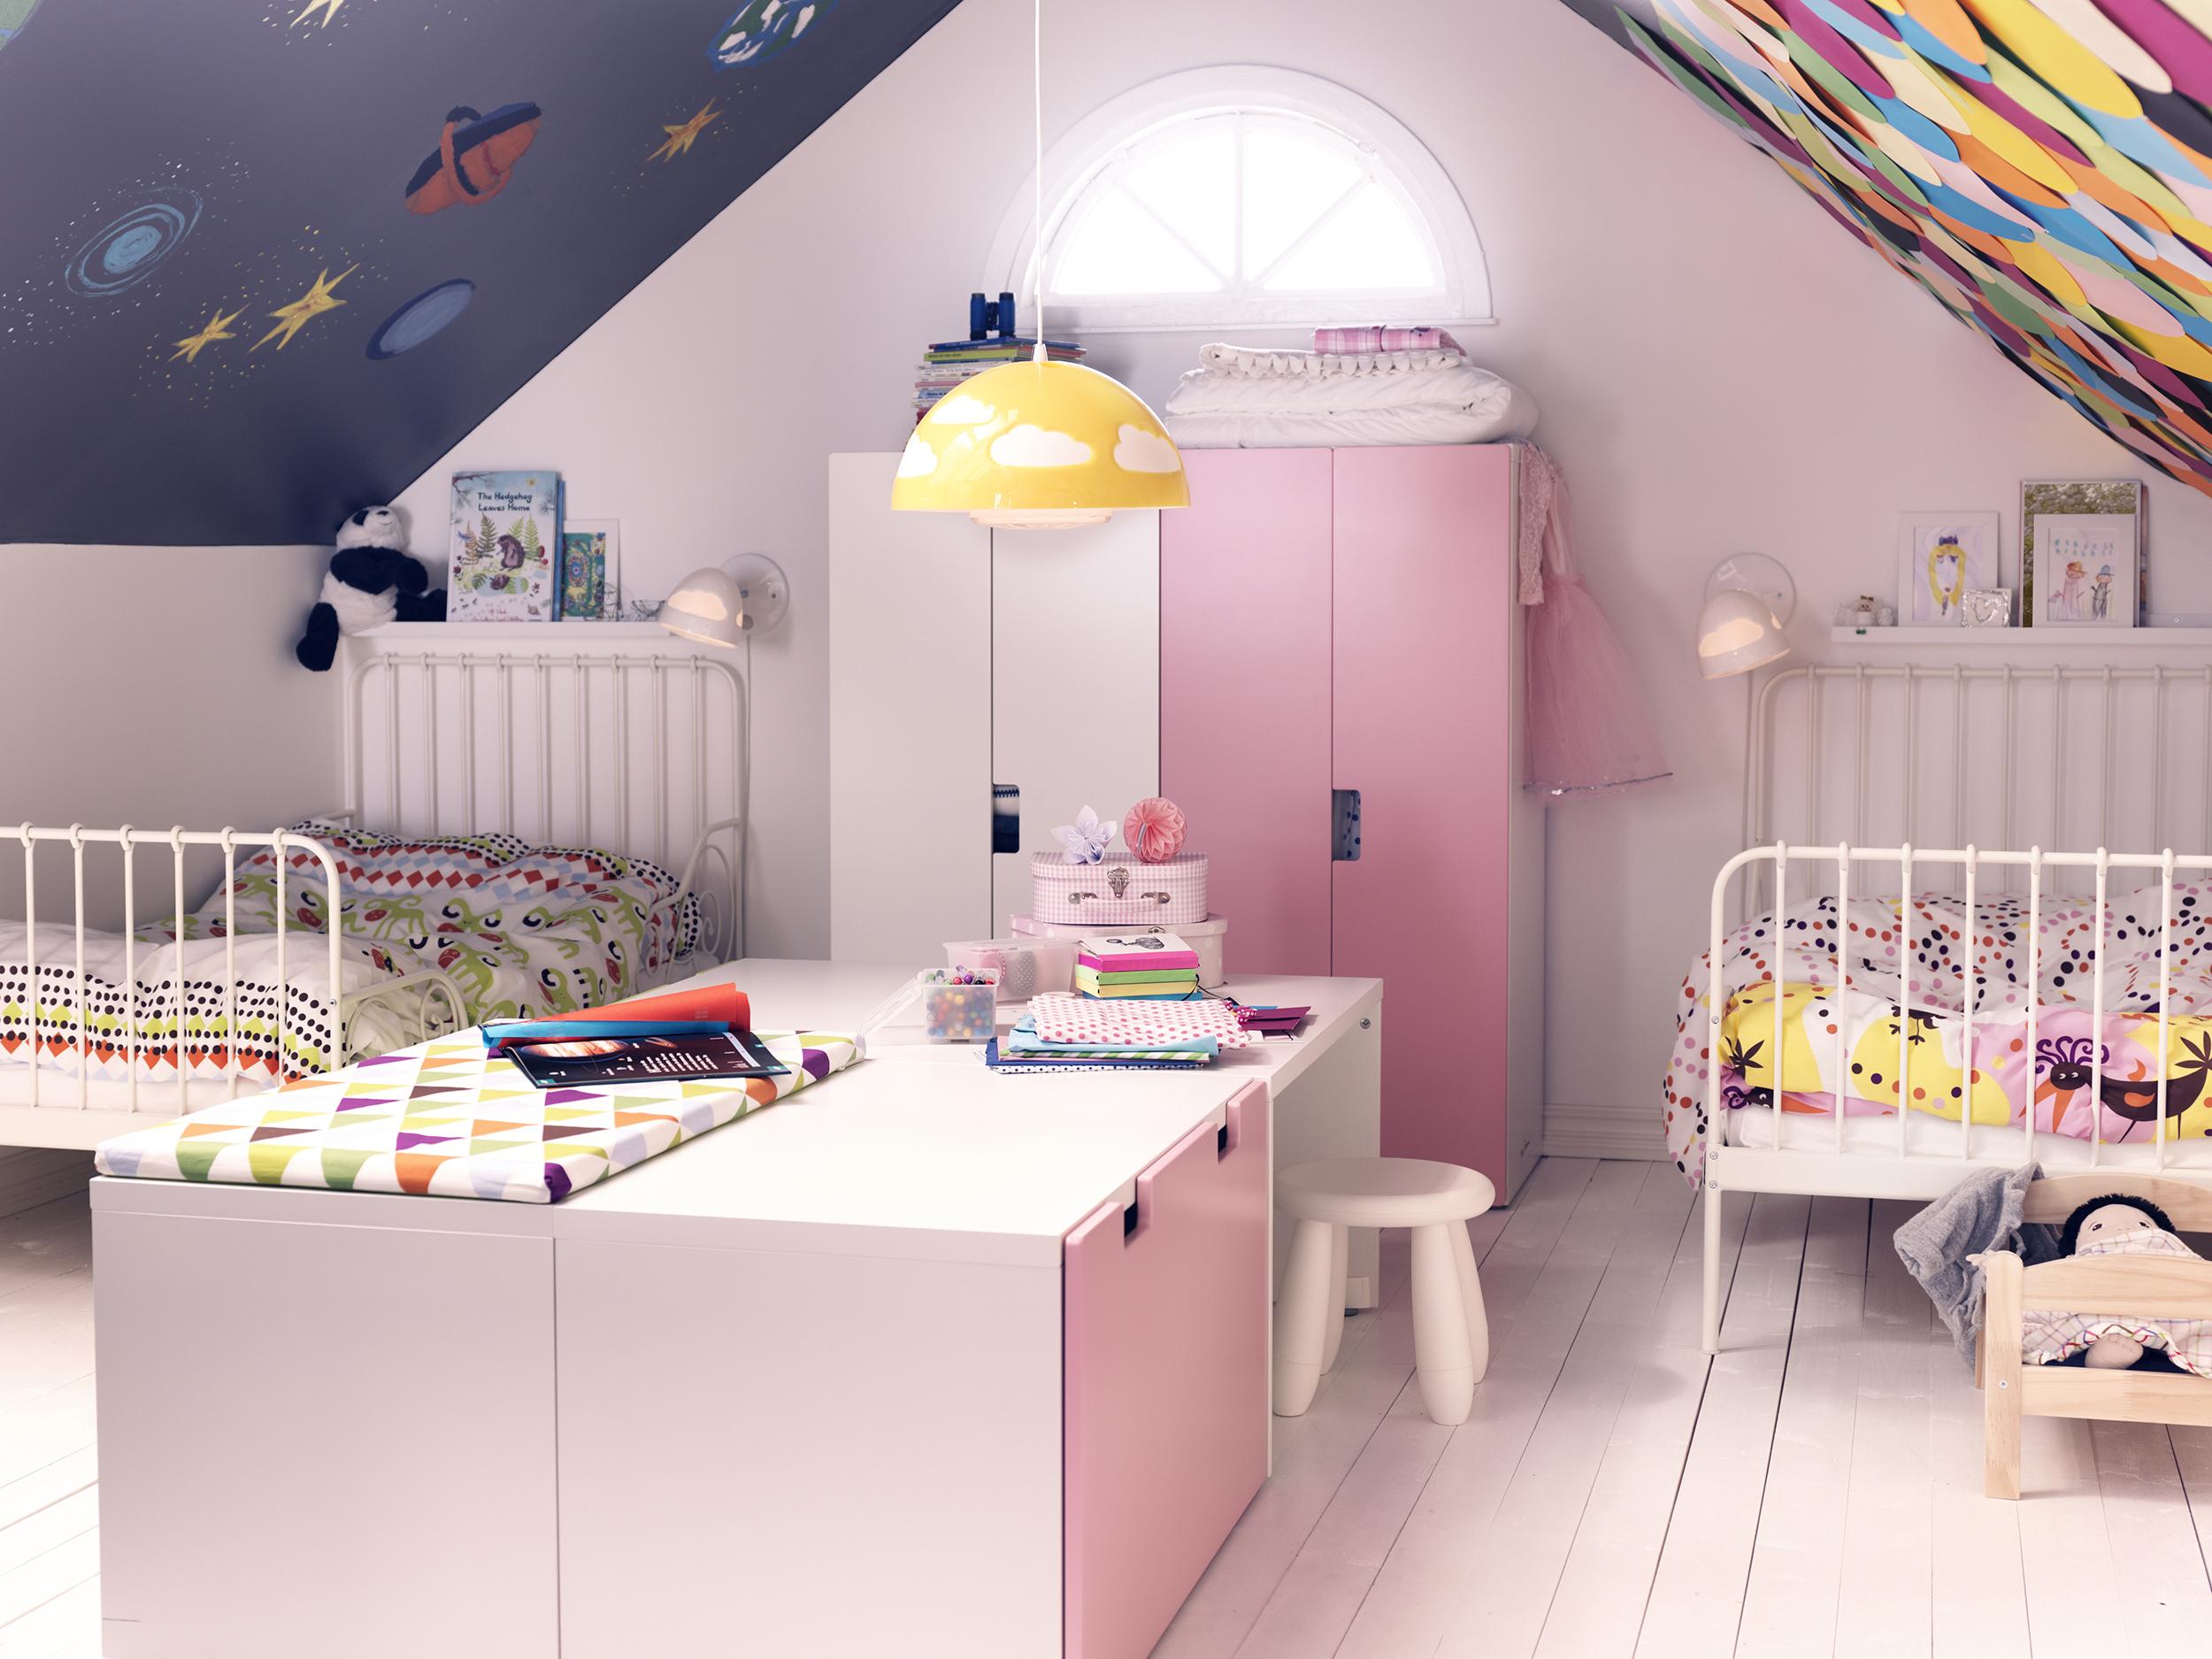 Ikea meuble stuva armoire ikea stuva chambre furtrades d co with ikea meuble stuva for Chambre stuva ikea